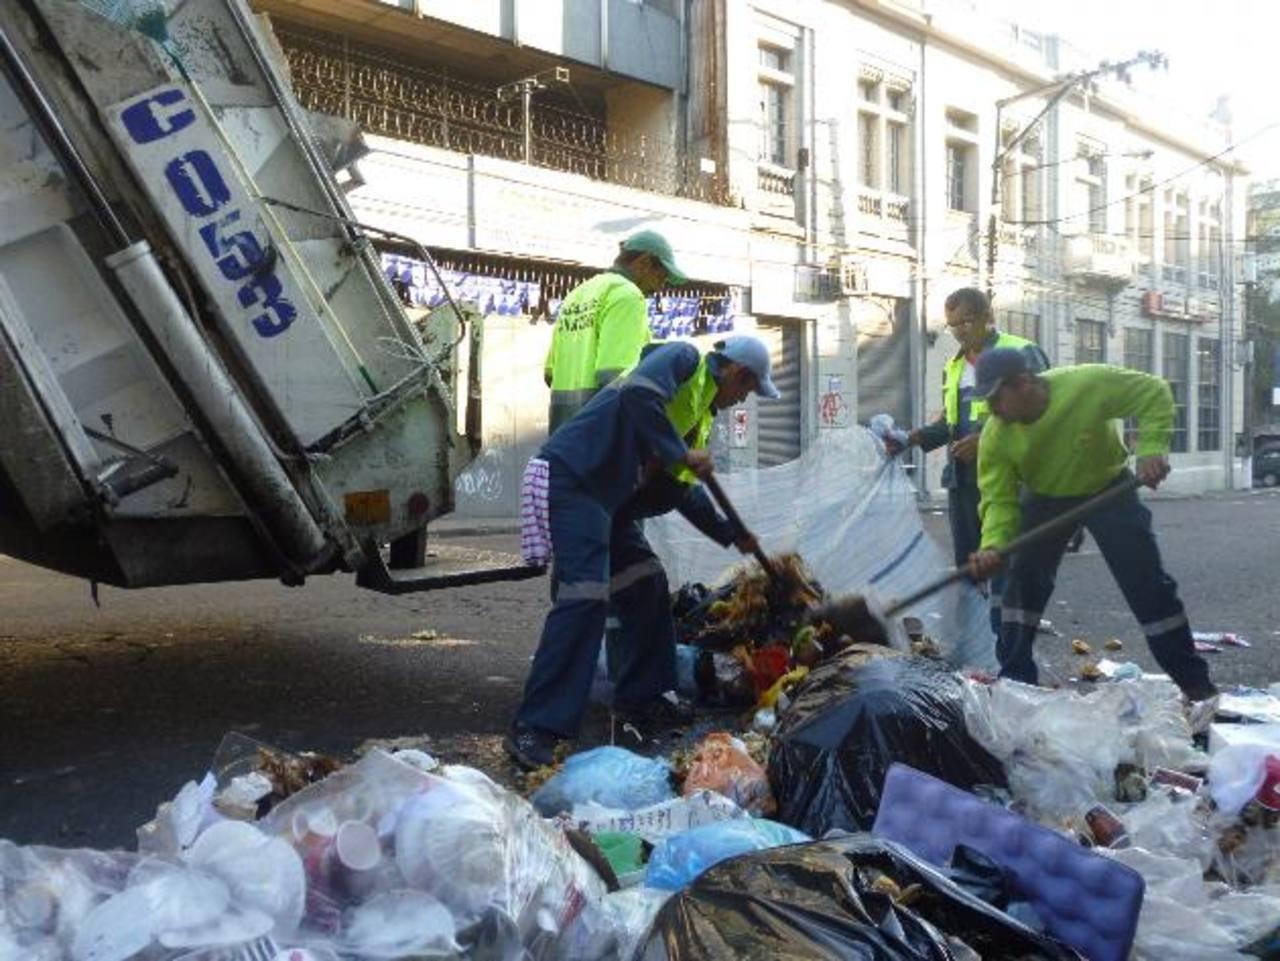 Fiestas dejan 150 toneladas de basura en San Salvador